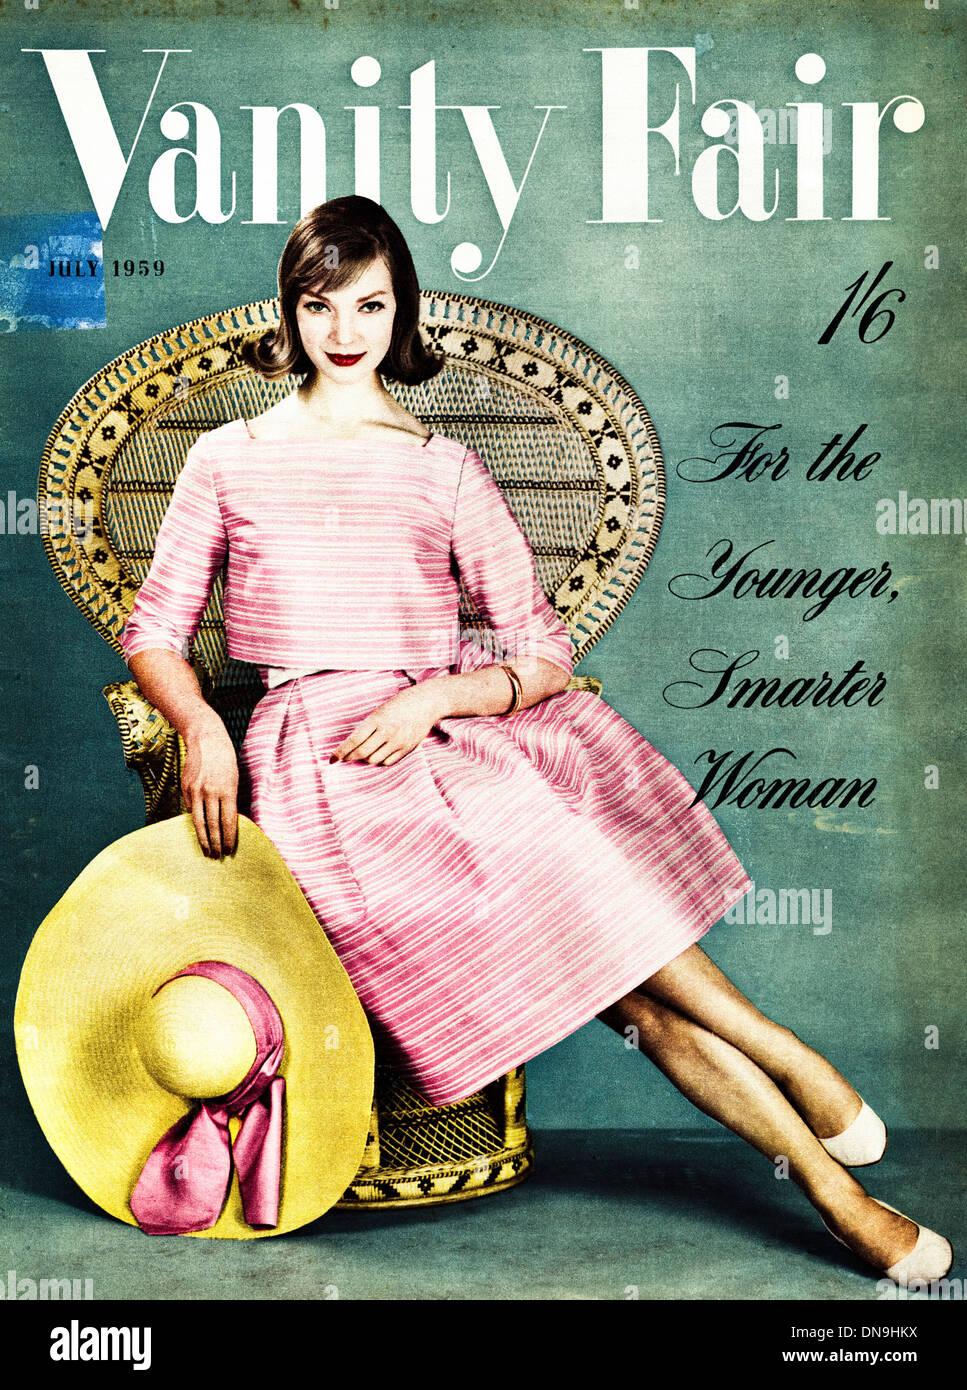 1950 VANITY FAIR cover vintage original women's fashion magazine daté de juillet 1959 Photo Stock